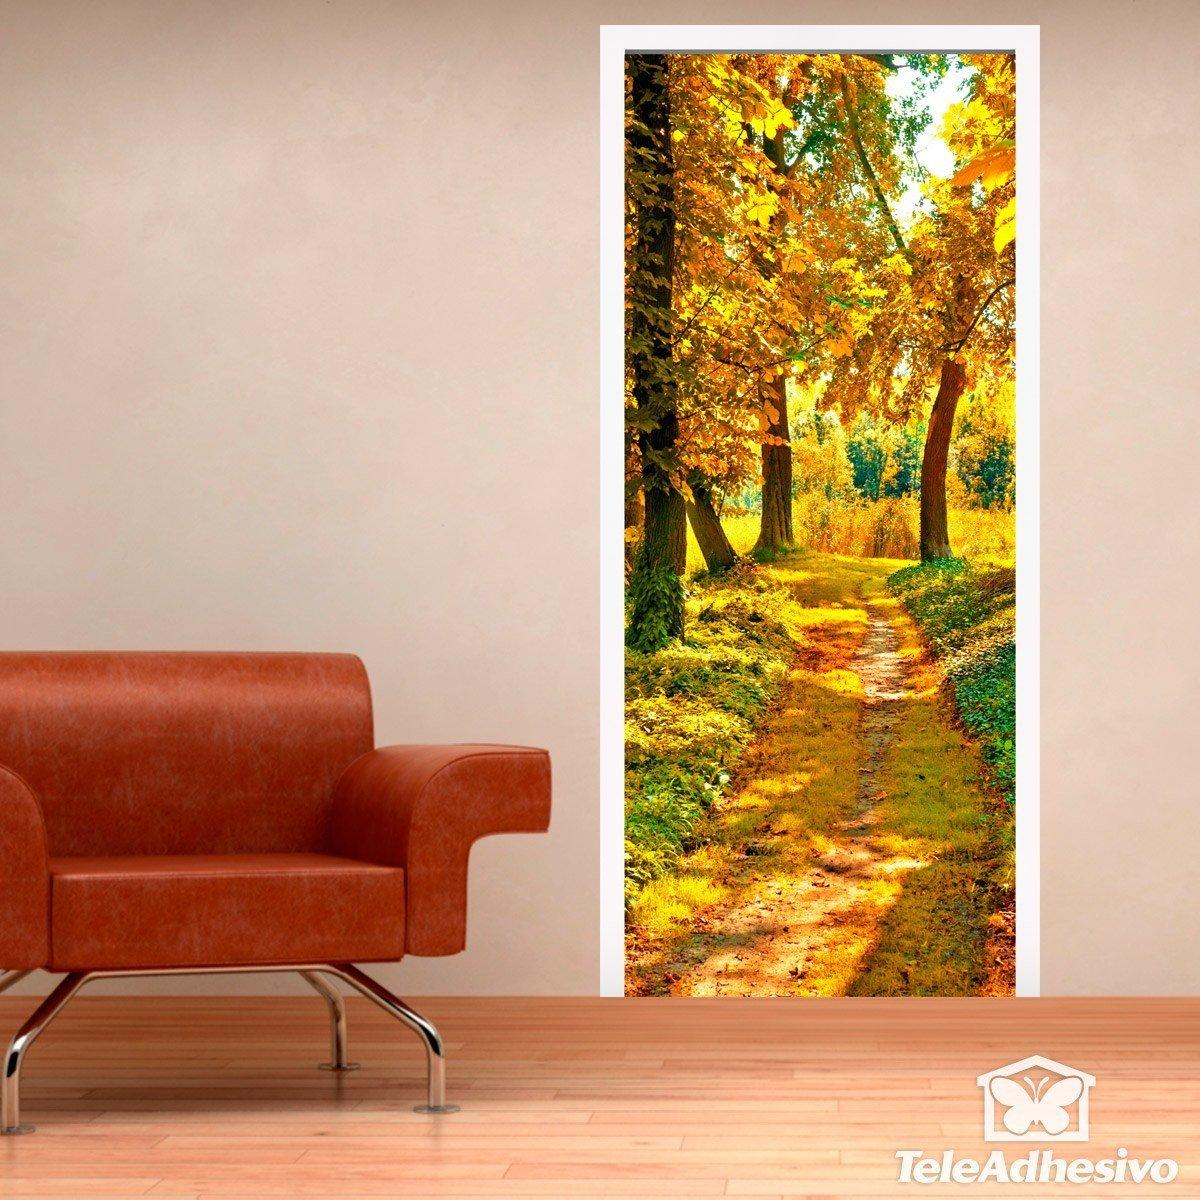 Vinilos de puertas para tu hogar en teleadhesivo - Arcos decorativos para puertas ...